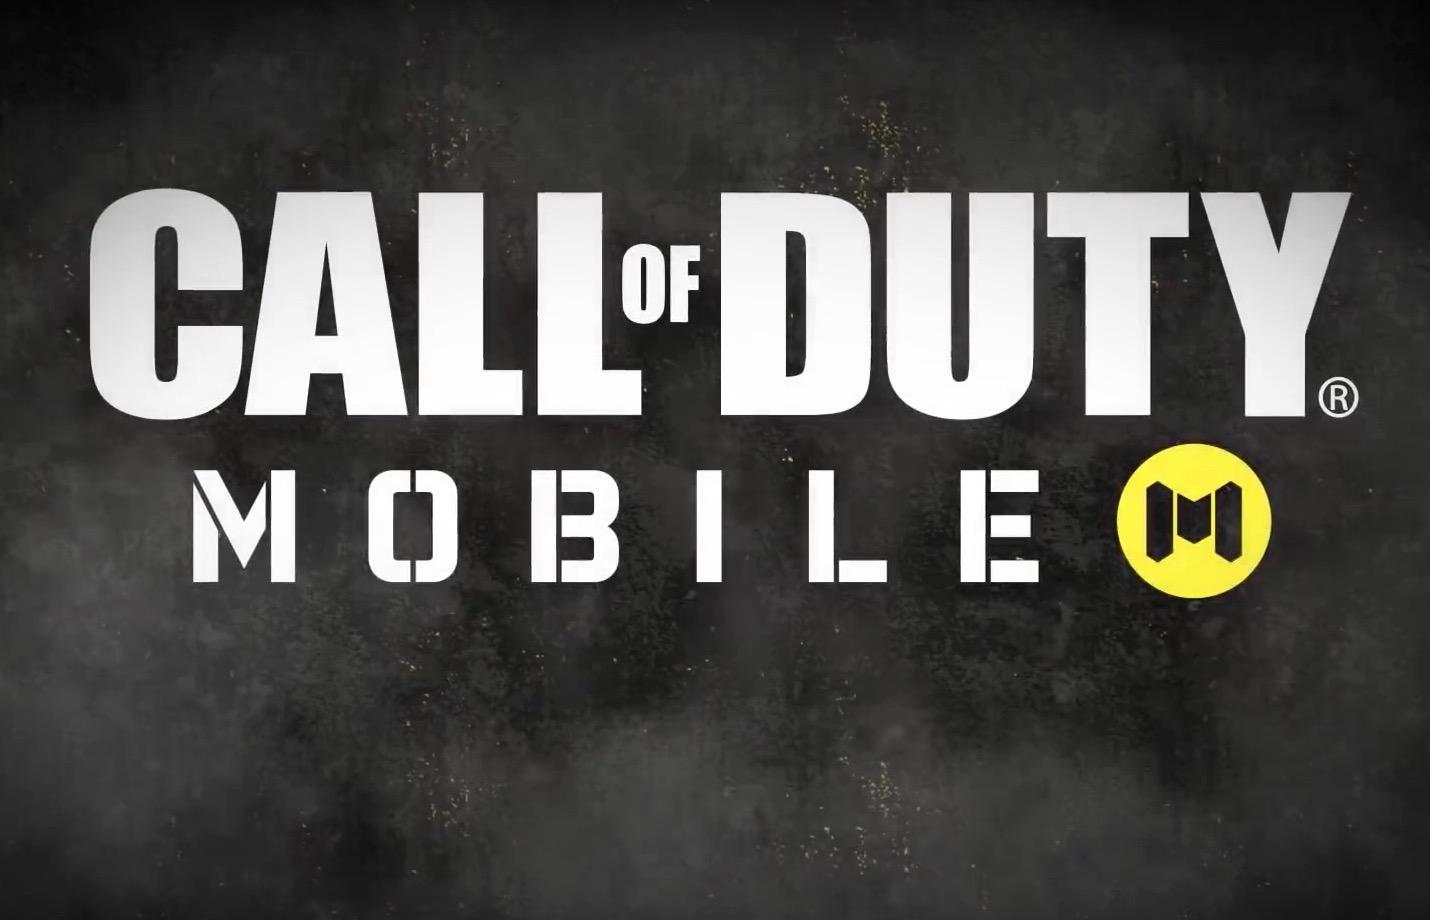 La version bêta de Call of Duty mobile arrive très bientôt : les détails sur le jeu iPhone/ Android 1